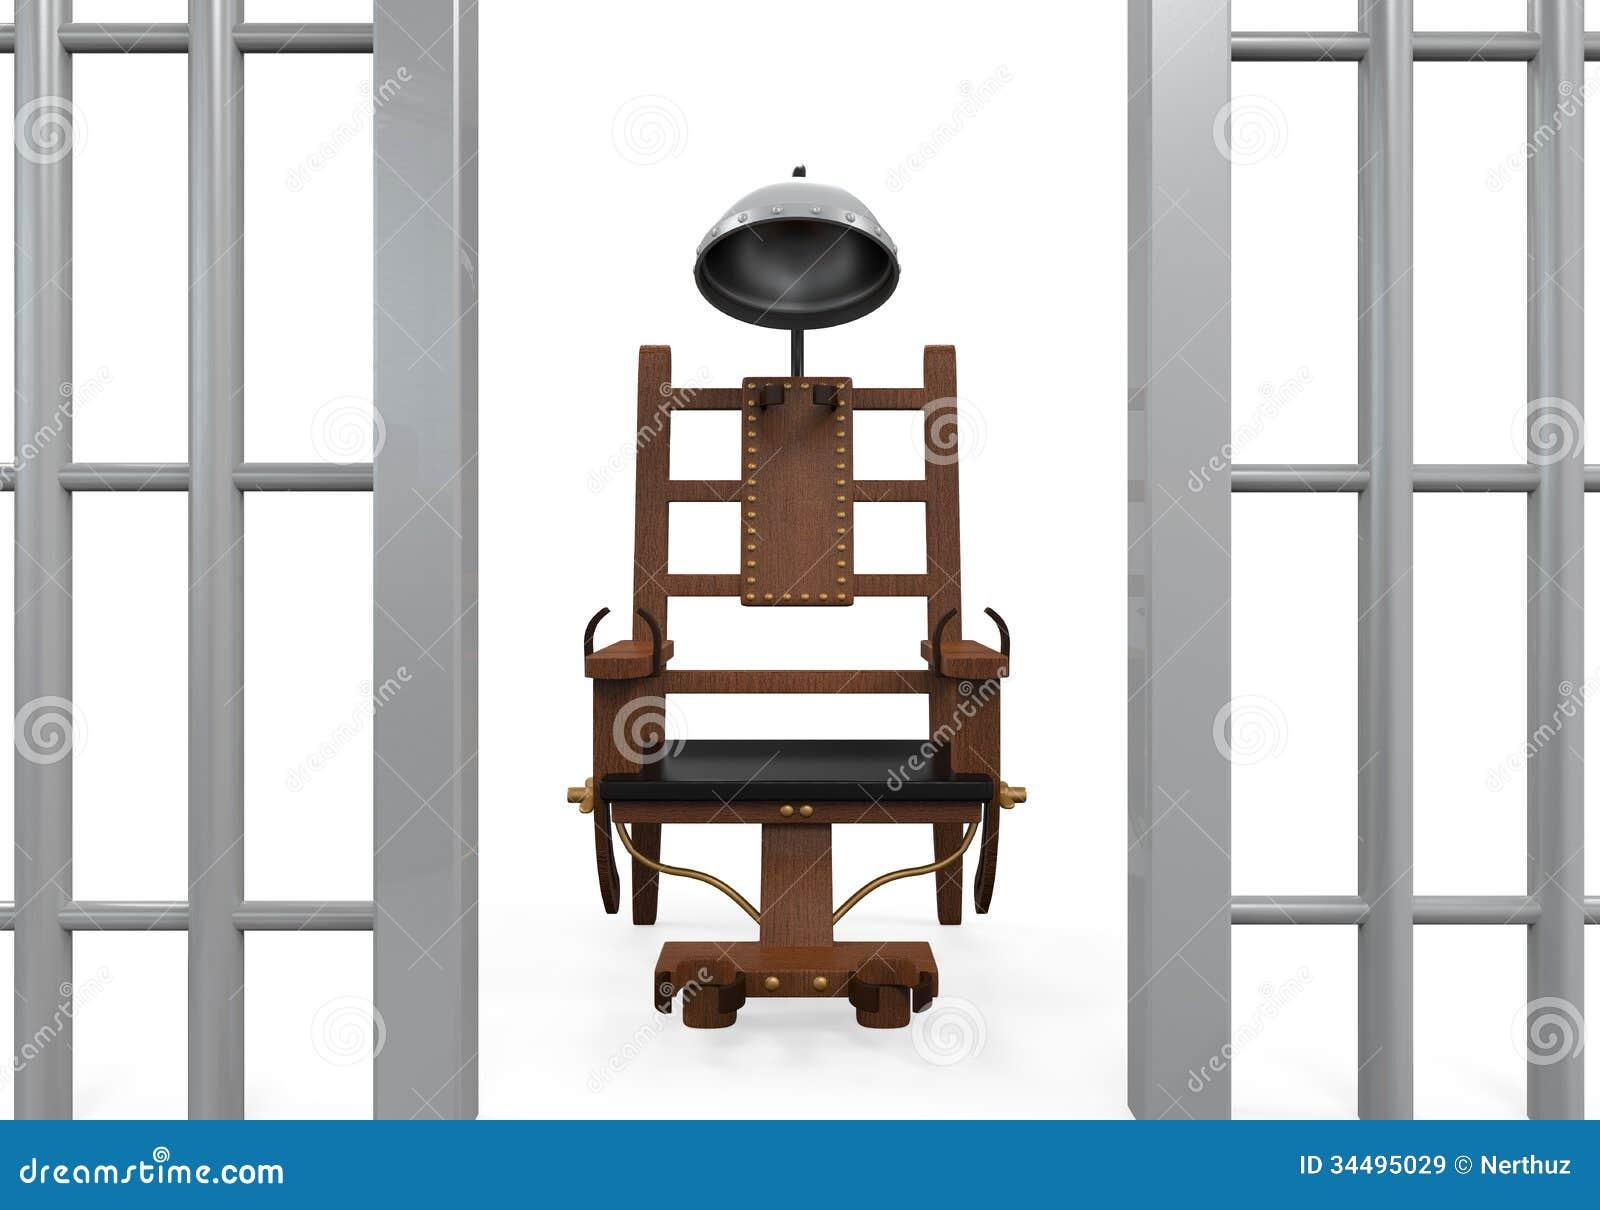 Chaise lectrique d 39 isolement images libres de droits for Chaise electrique